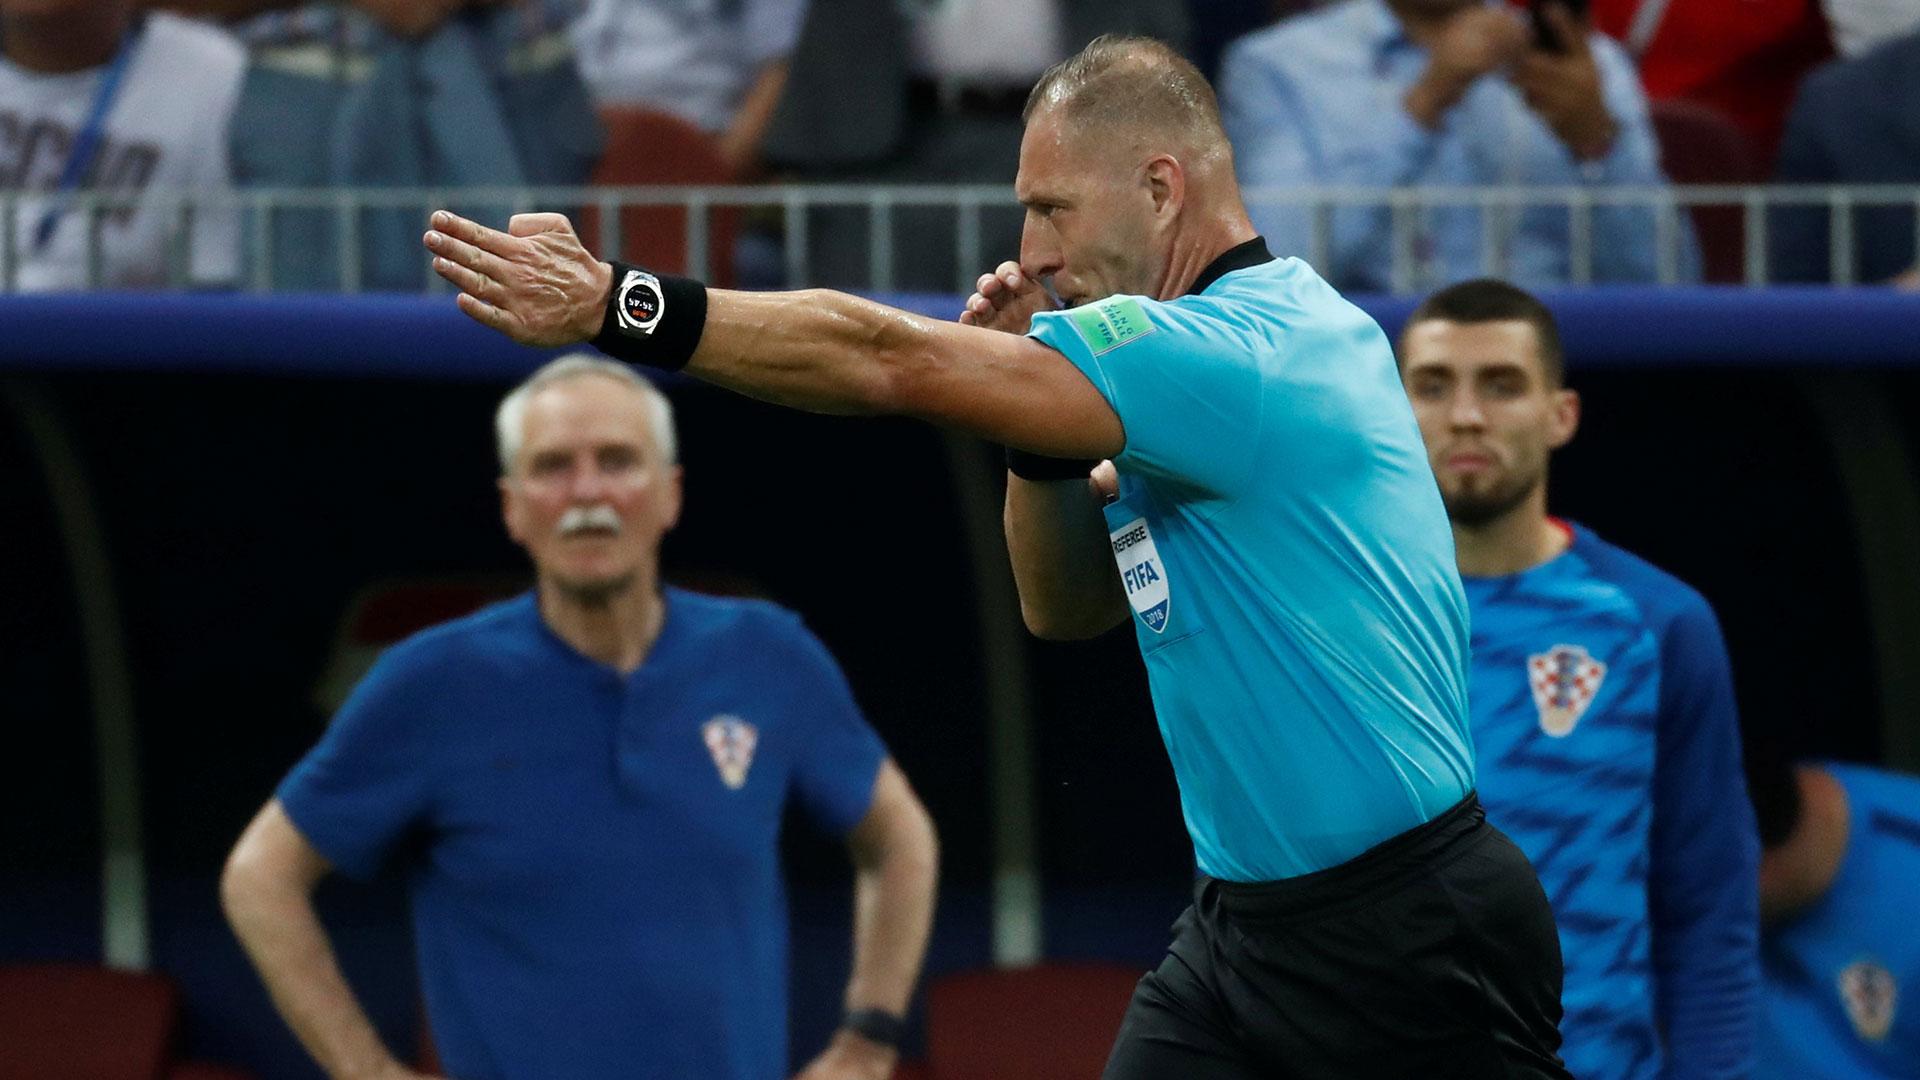 El árbitro cobró tras revisar la jugada